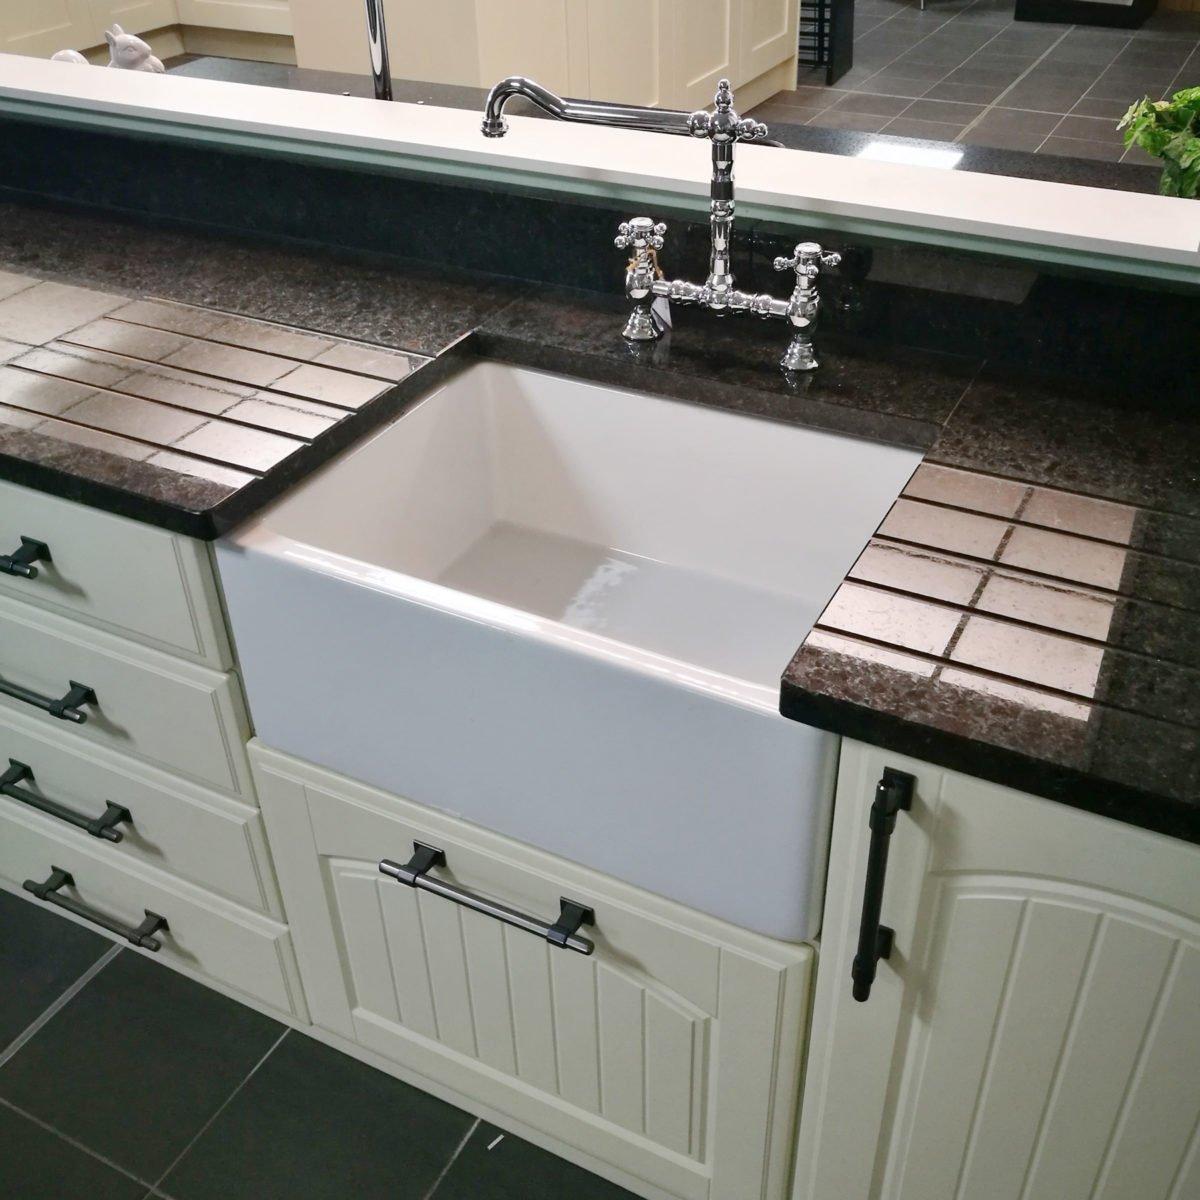 lavello-cucina-ceramica-idee